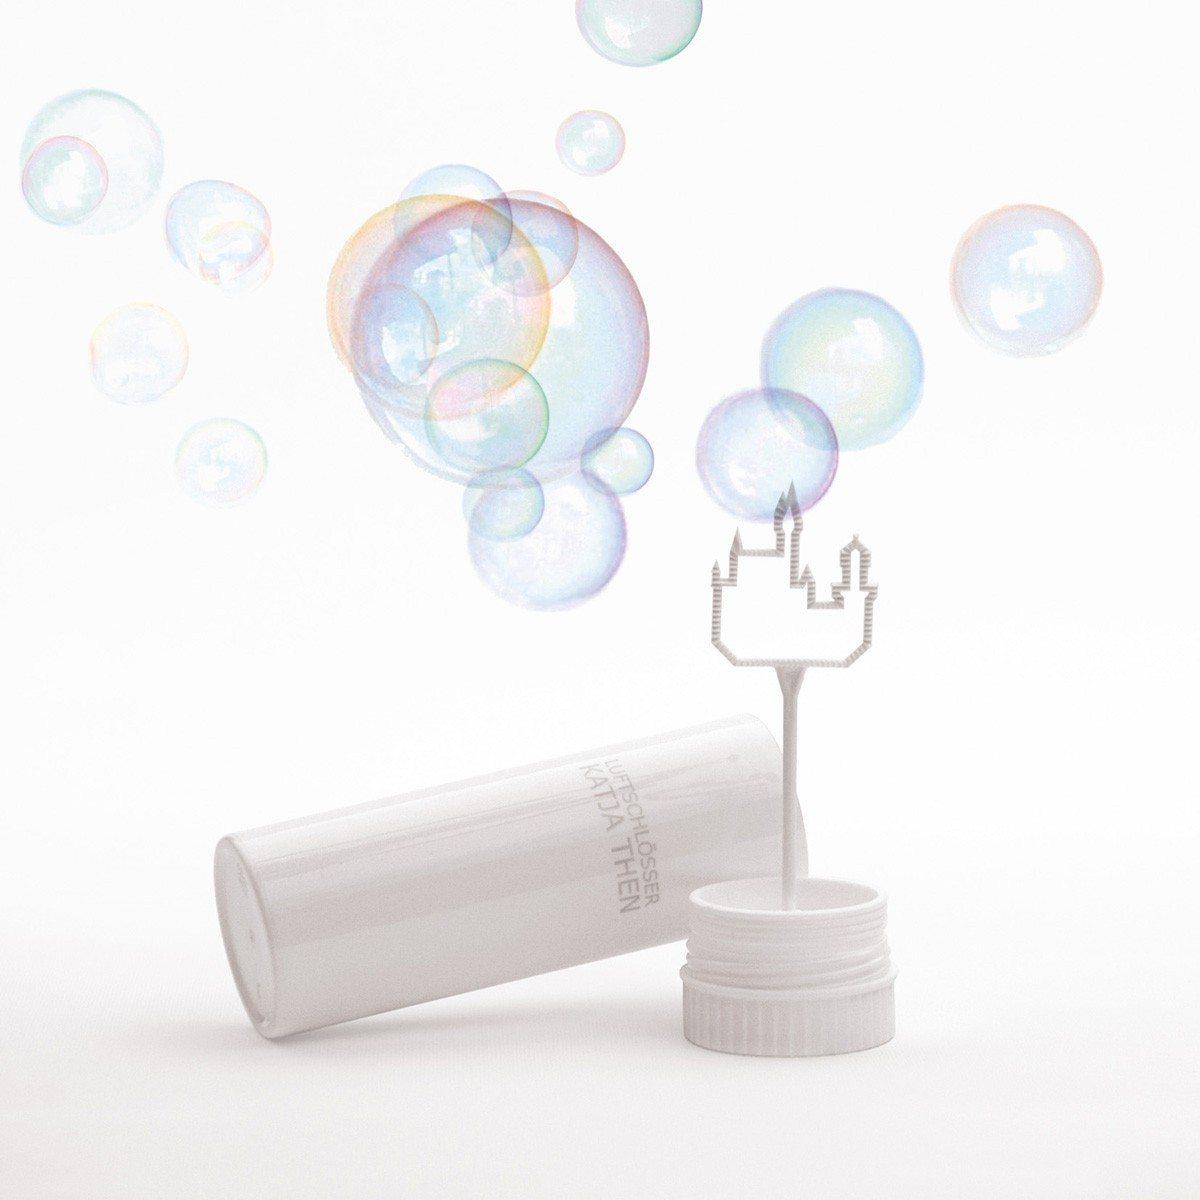 Luftschösser - Seifenblasen